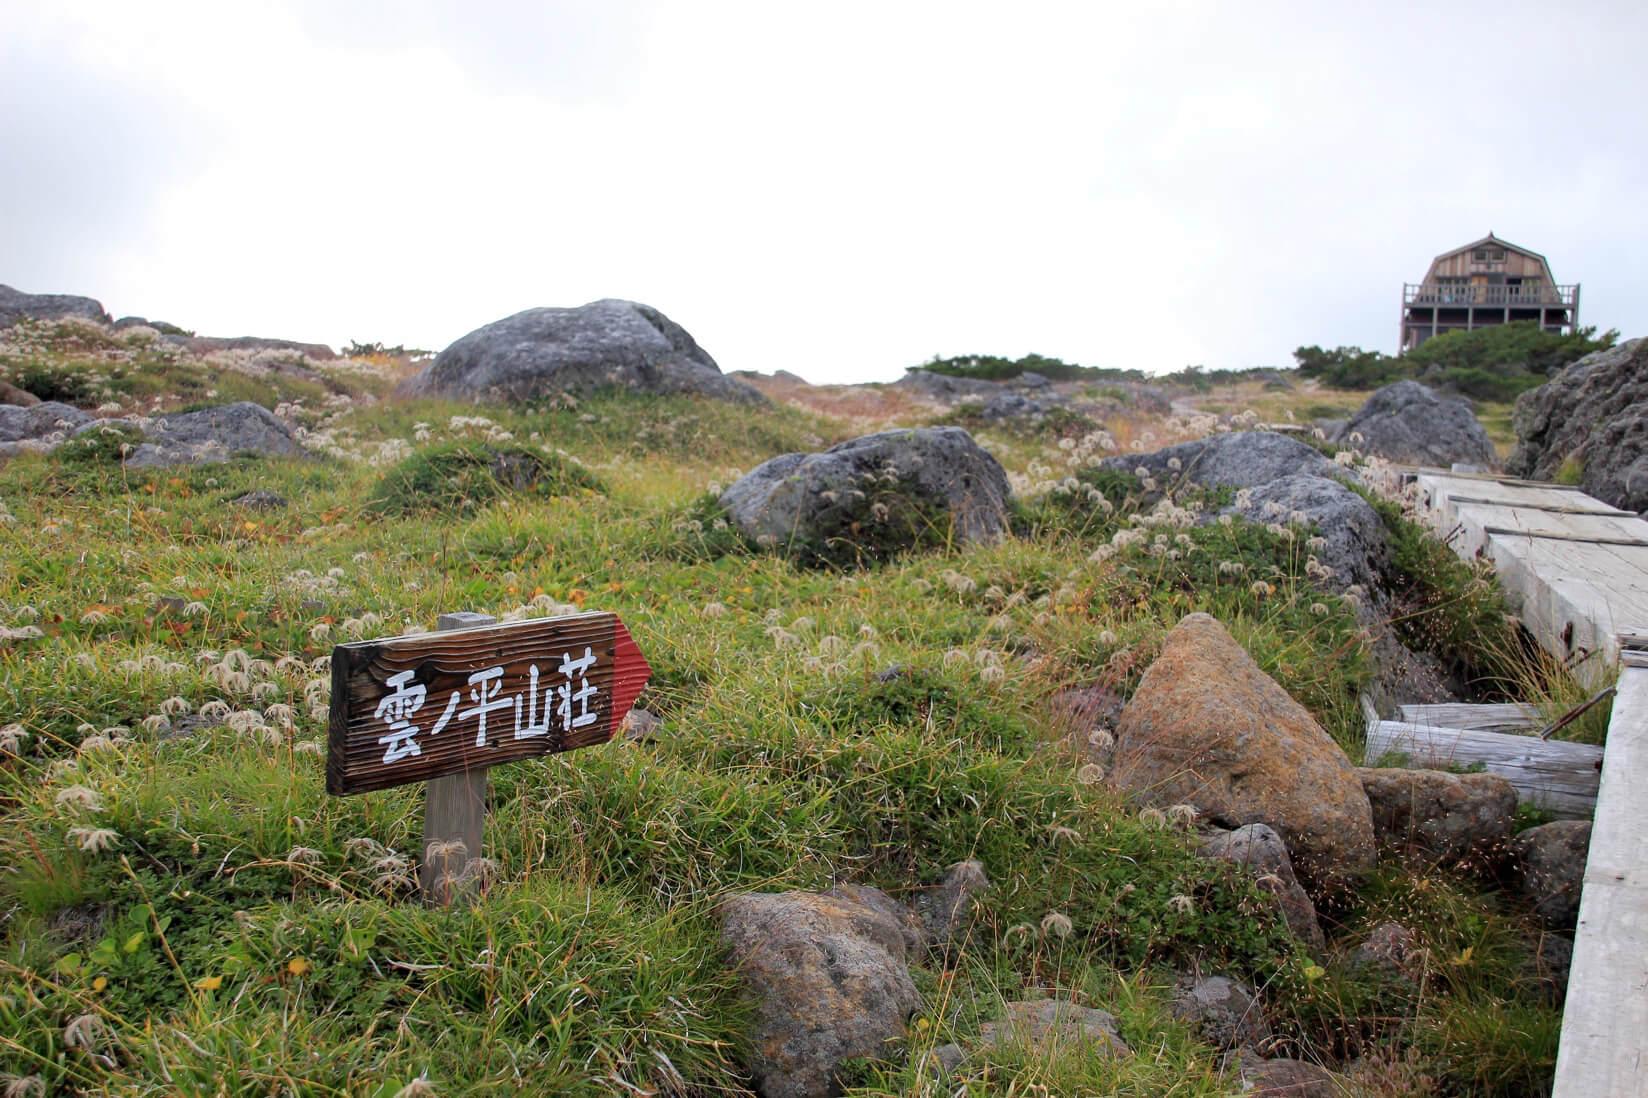 雲ノ平山荘への道標